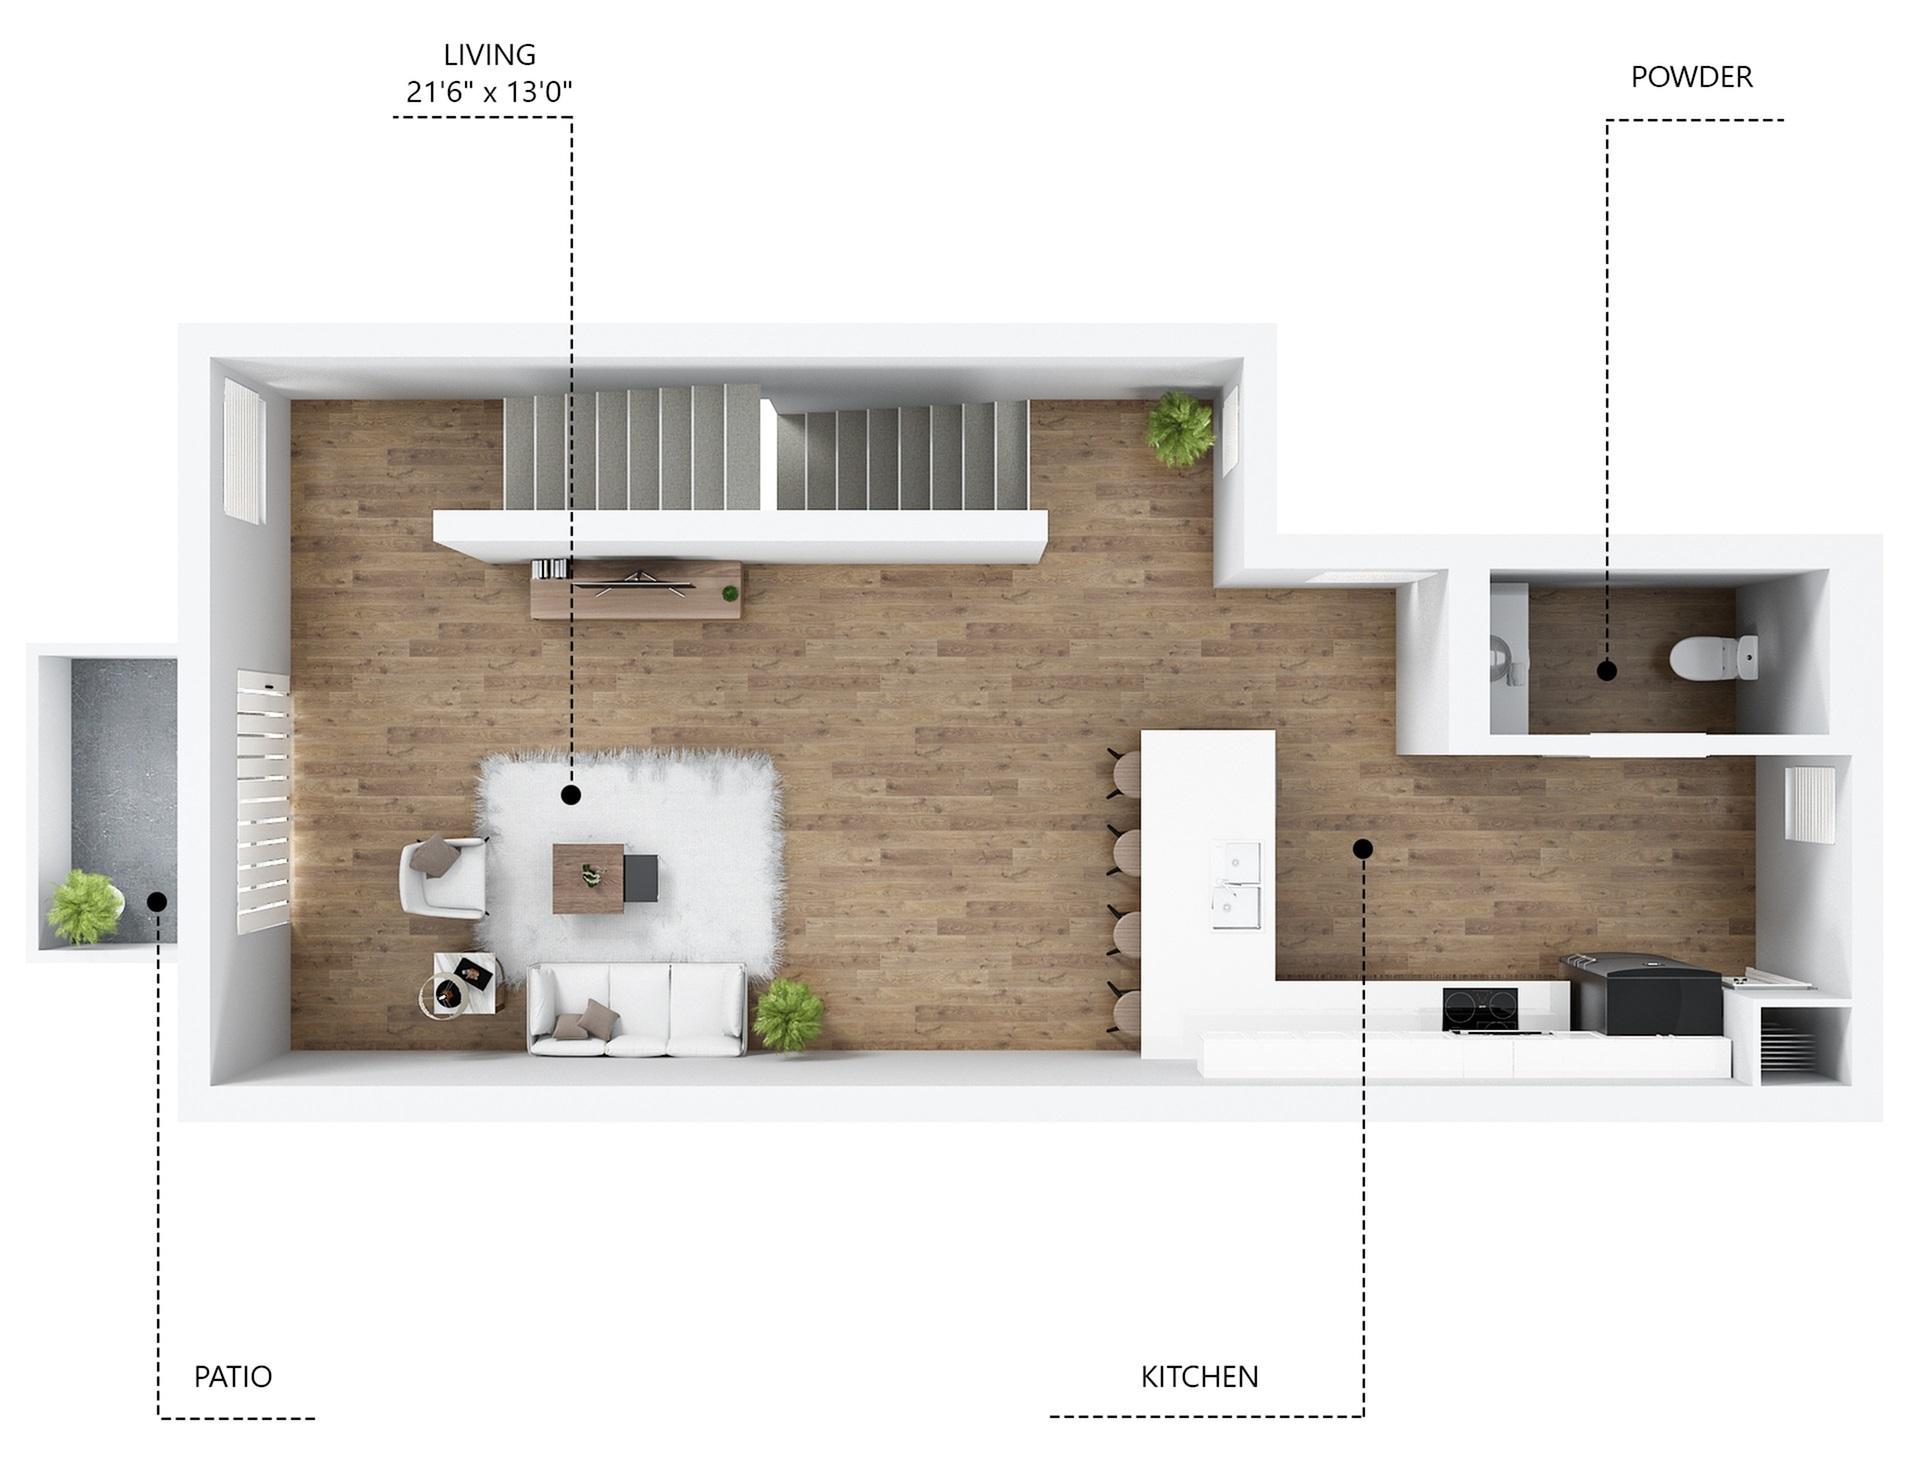 C21 - 2nd Floor